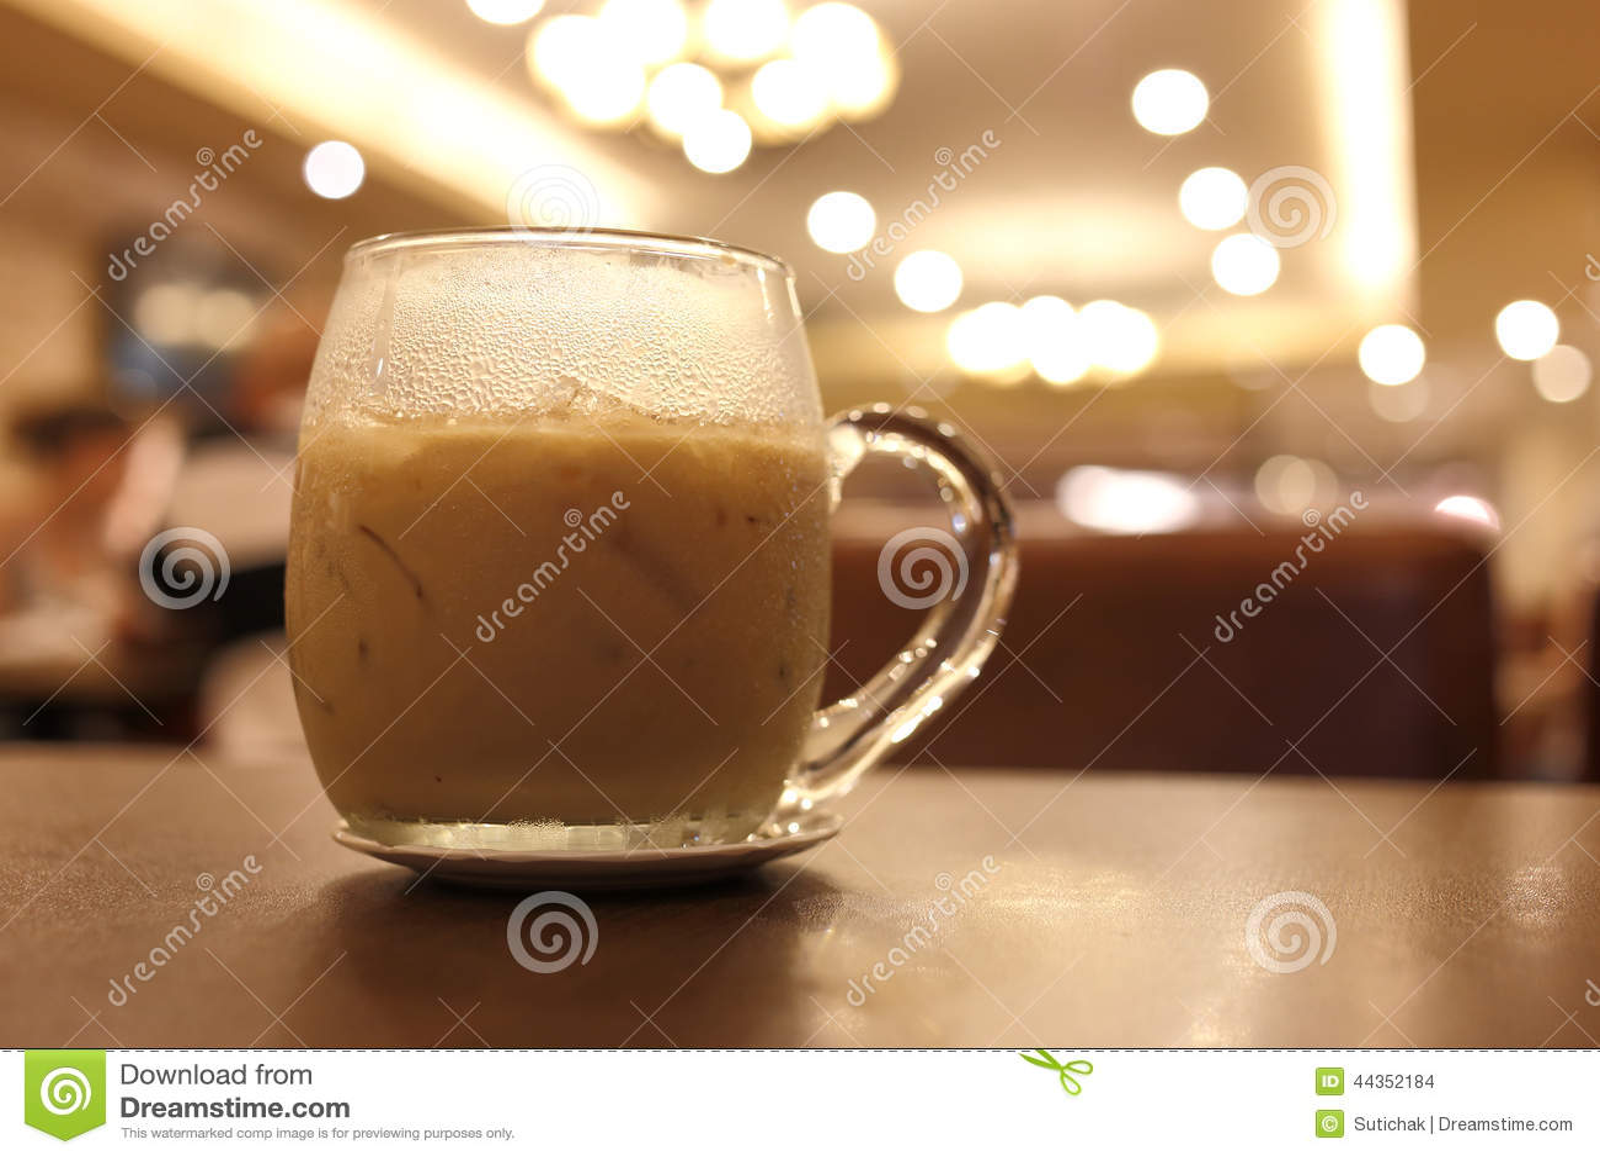 Bevanda ghiacciata del caffè in caffè